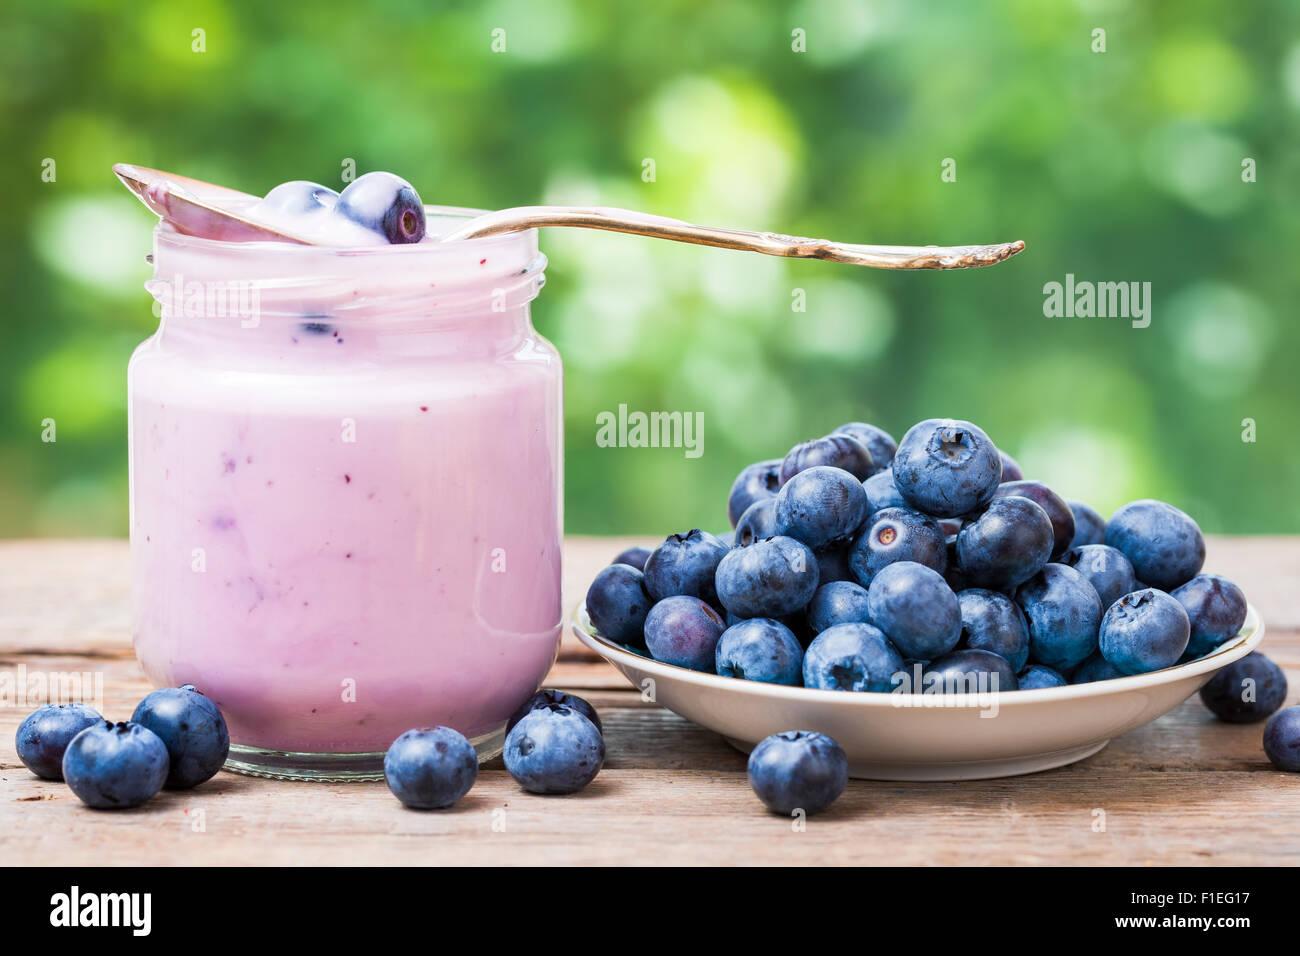 Arándanos frescos yogurt de jarra de cristal y platillo con arándanos. Imagen De Stock